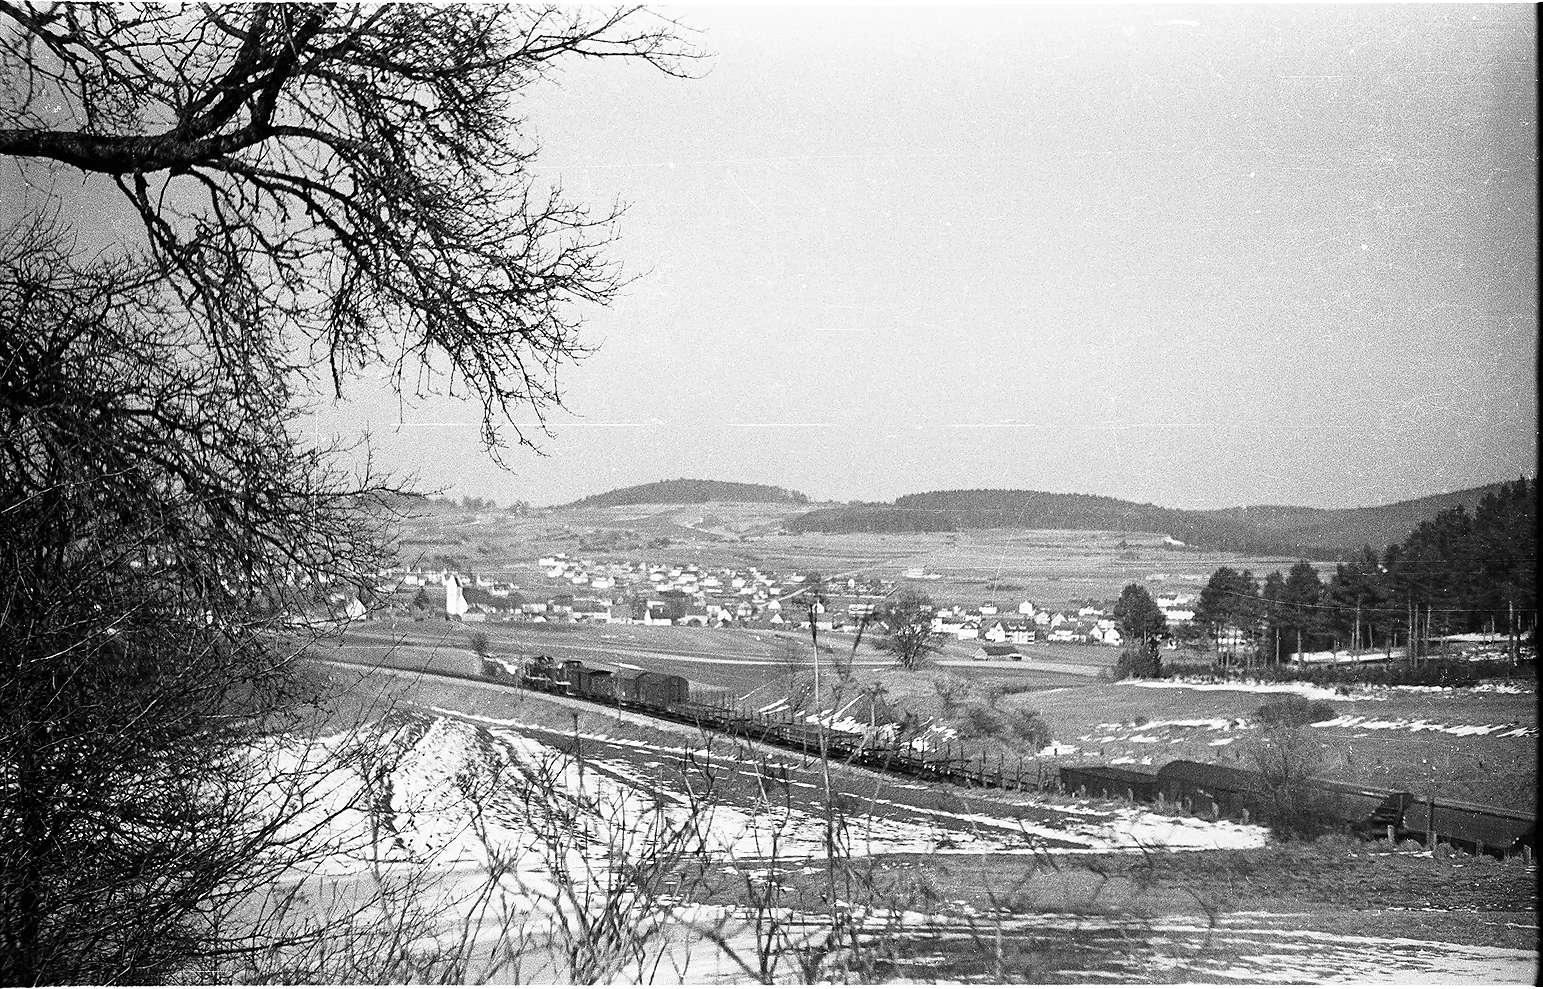 Gammertingen, 313/ 308 b, Diesellok V 81 und V 82 und Vorspann, Fehlahöre, Baugebiet Äußere Lochern, erschlossen ab August 1980 mit 18 Bauplätzen, Bild 1